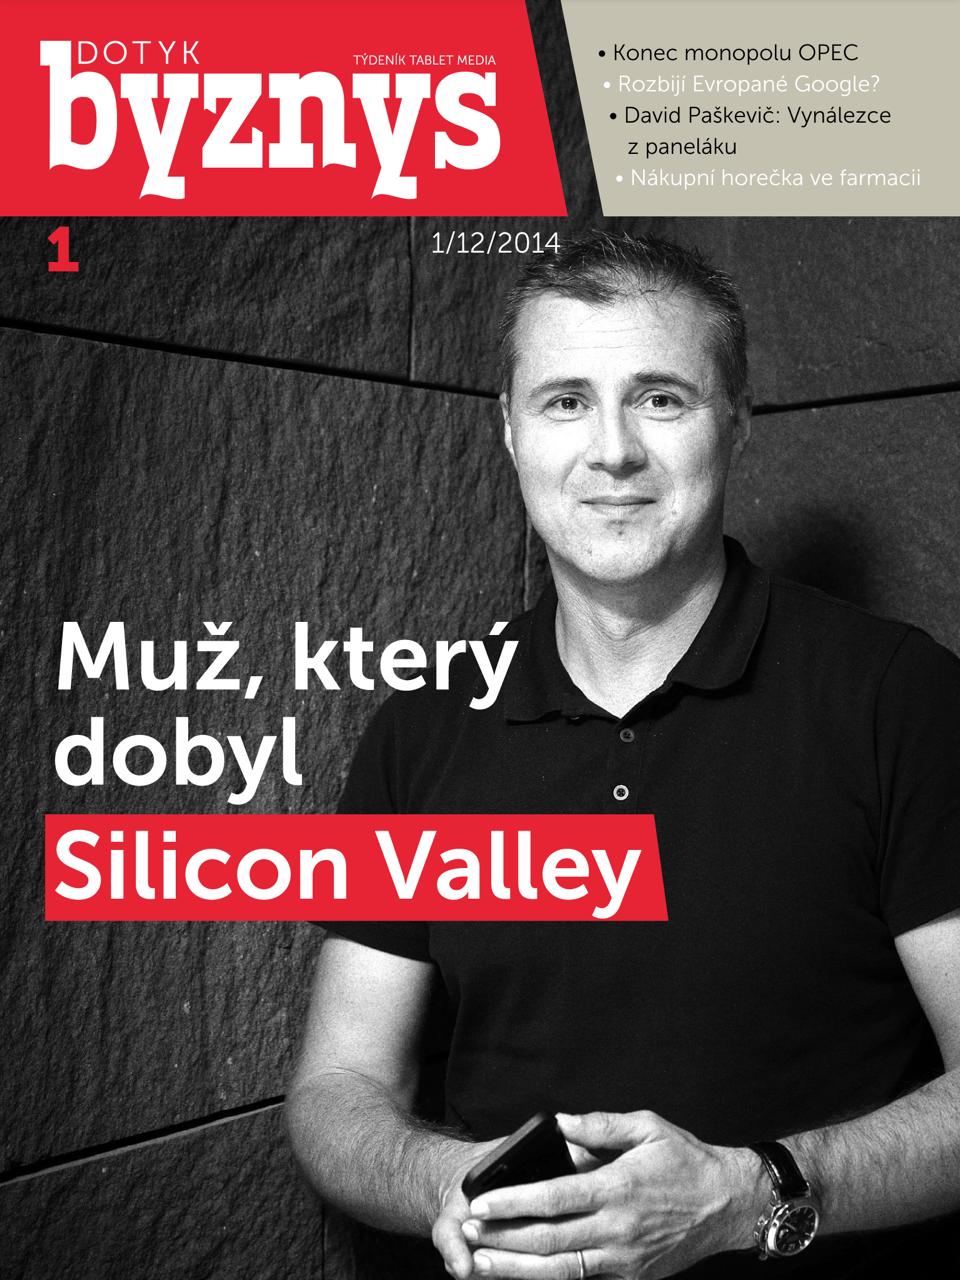 Titulní strana prvního vydání elektronického týdeníku Dotyk Byznys